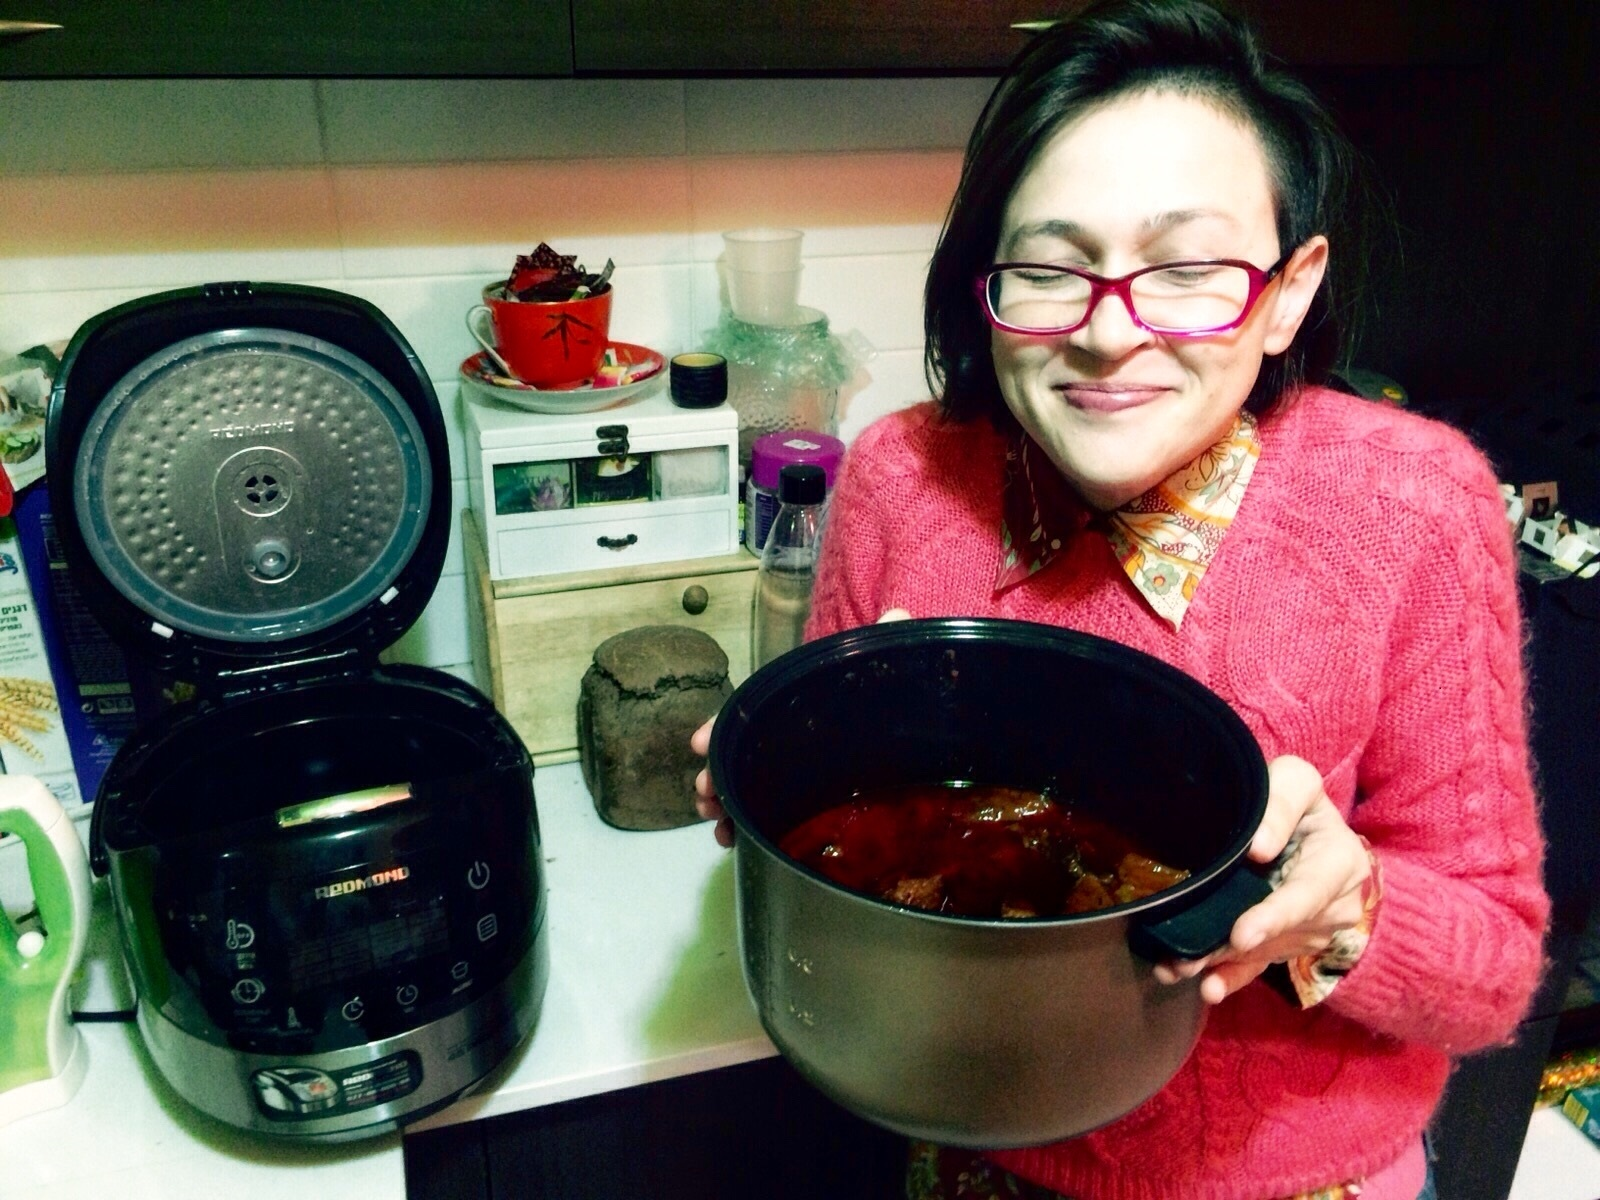 Анна Розина: «В мультиварке Redmond получается полезная и вкусная еда, которую очень любят дети»